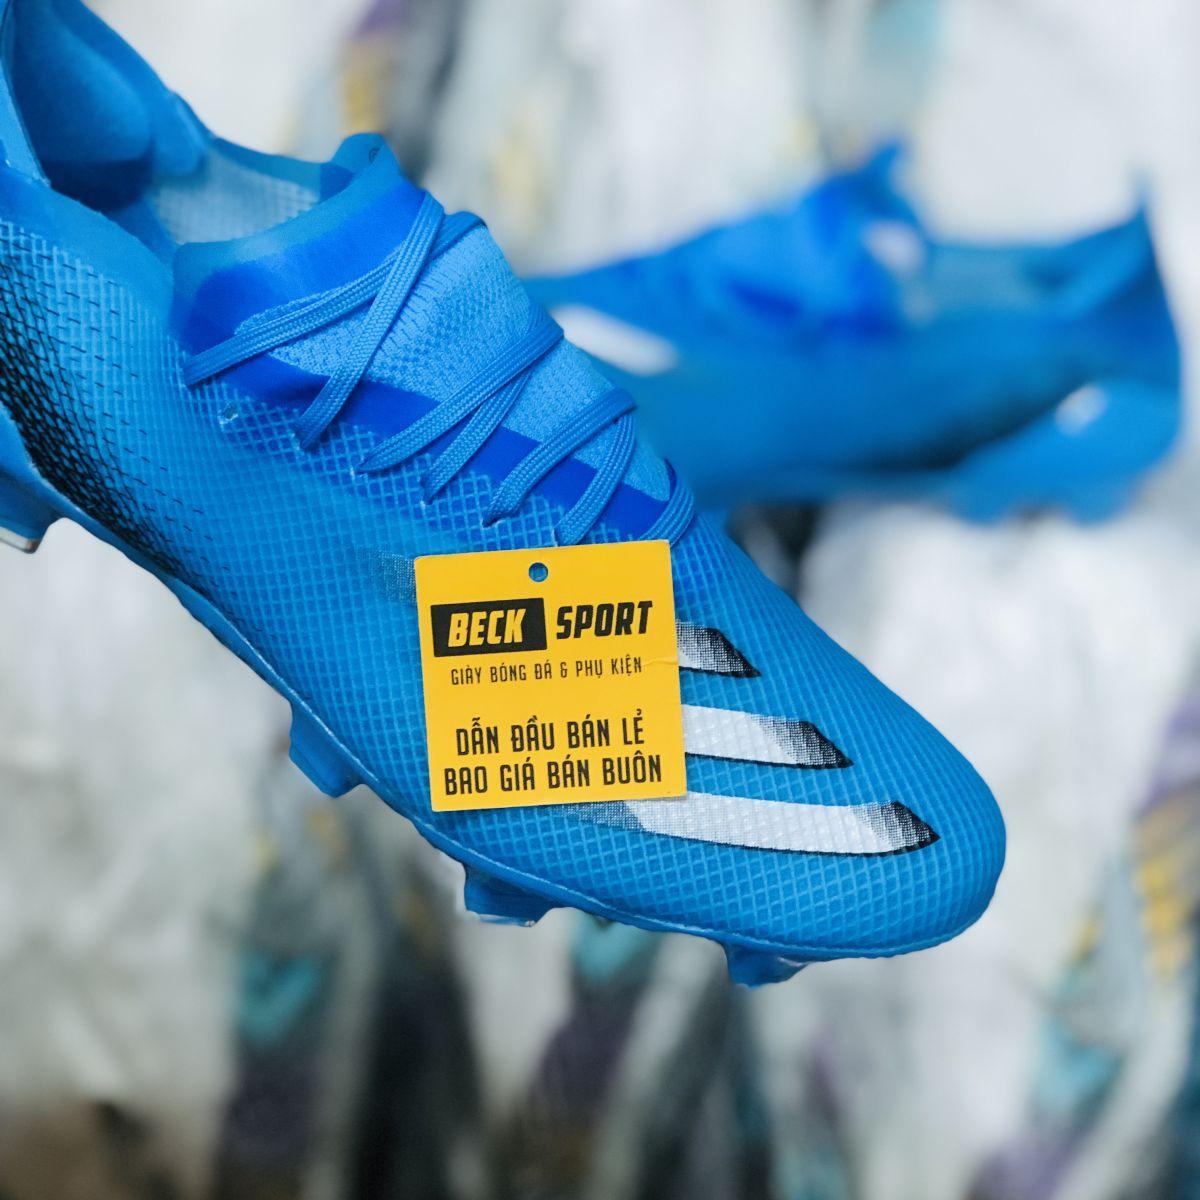 Giày Bóng Đá Adidas X Ghosted.1 Xanh Biển Vạch Trắng FG